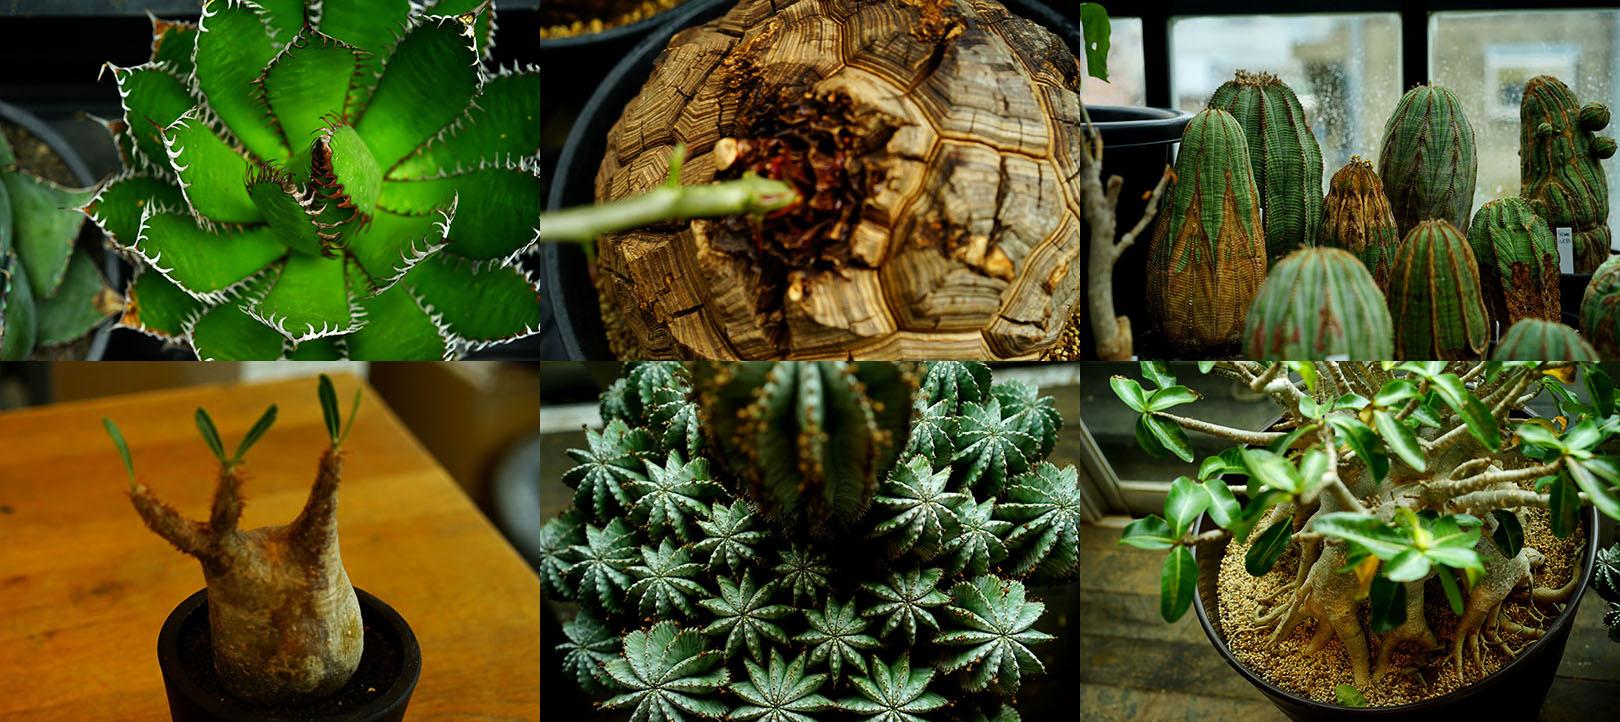 南アフリカからきた塊根植物を、前田有紀が取材しました!